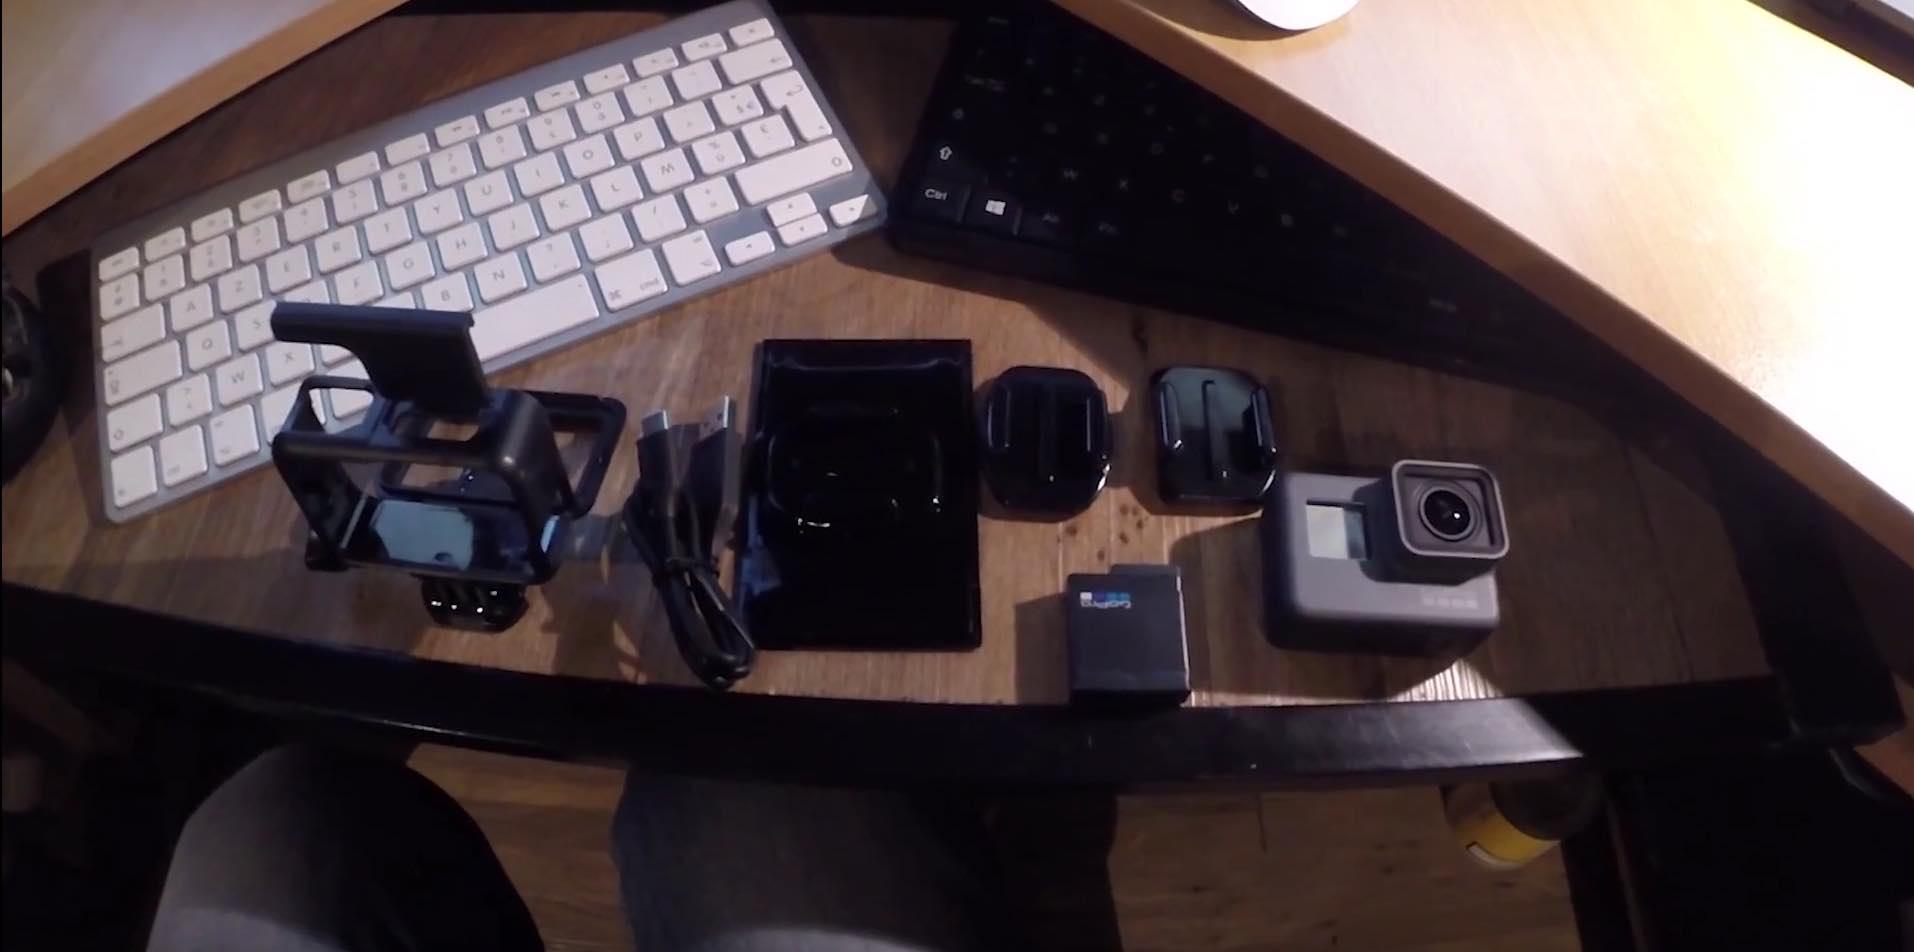 GoPro 5 Black : Unboxing, test/comparaison et vloger setup – Vlog#36